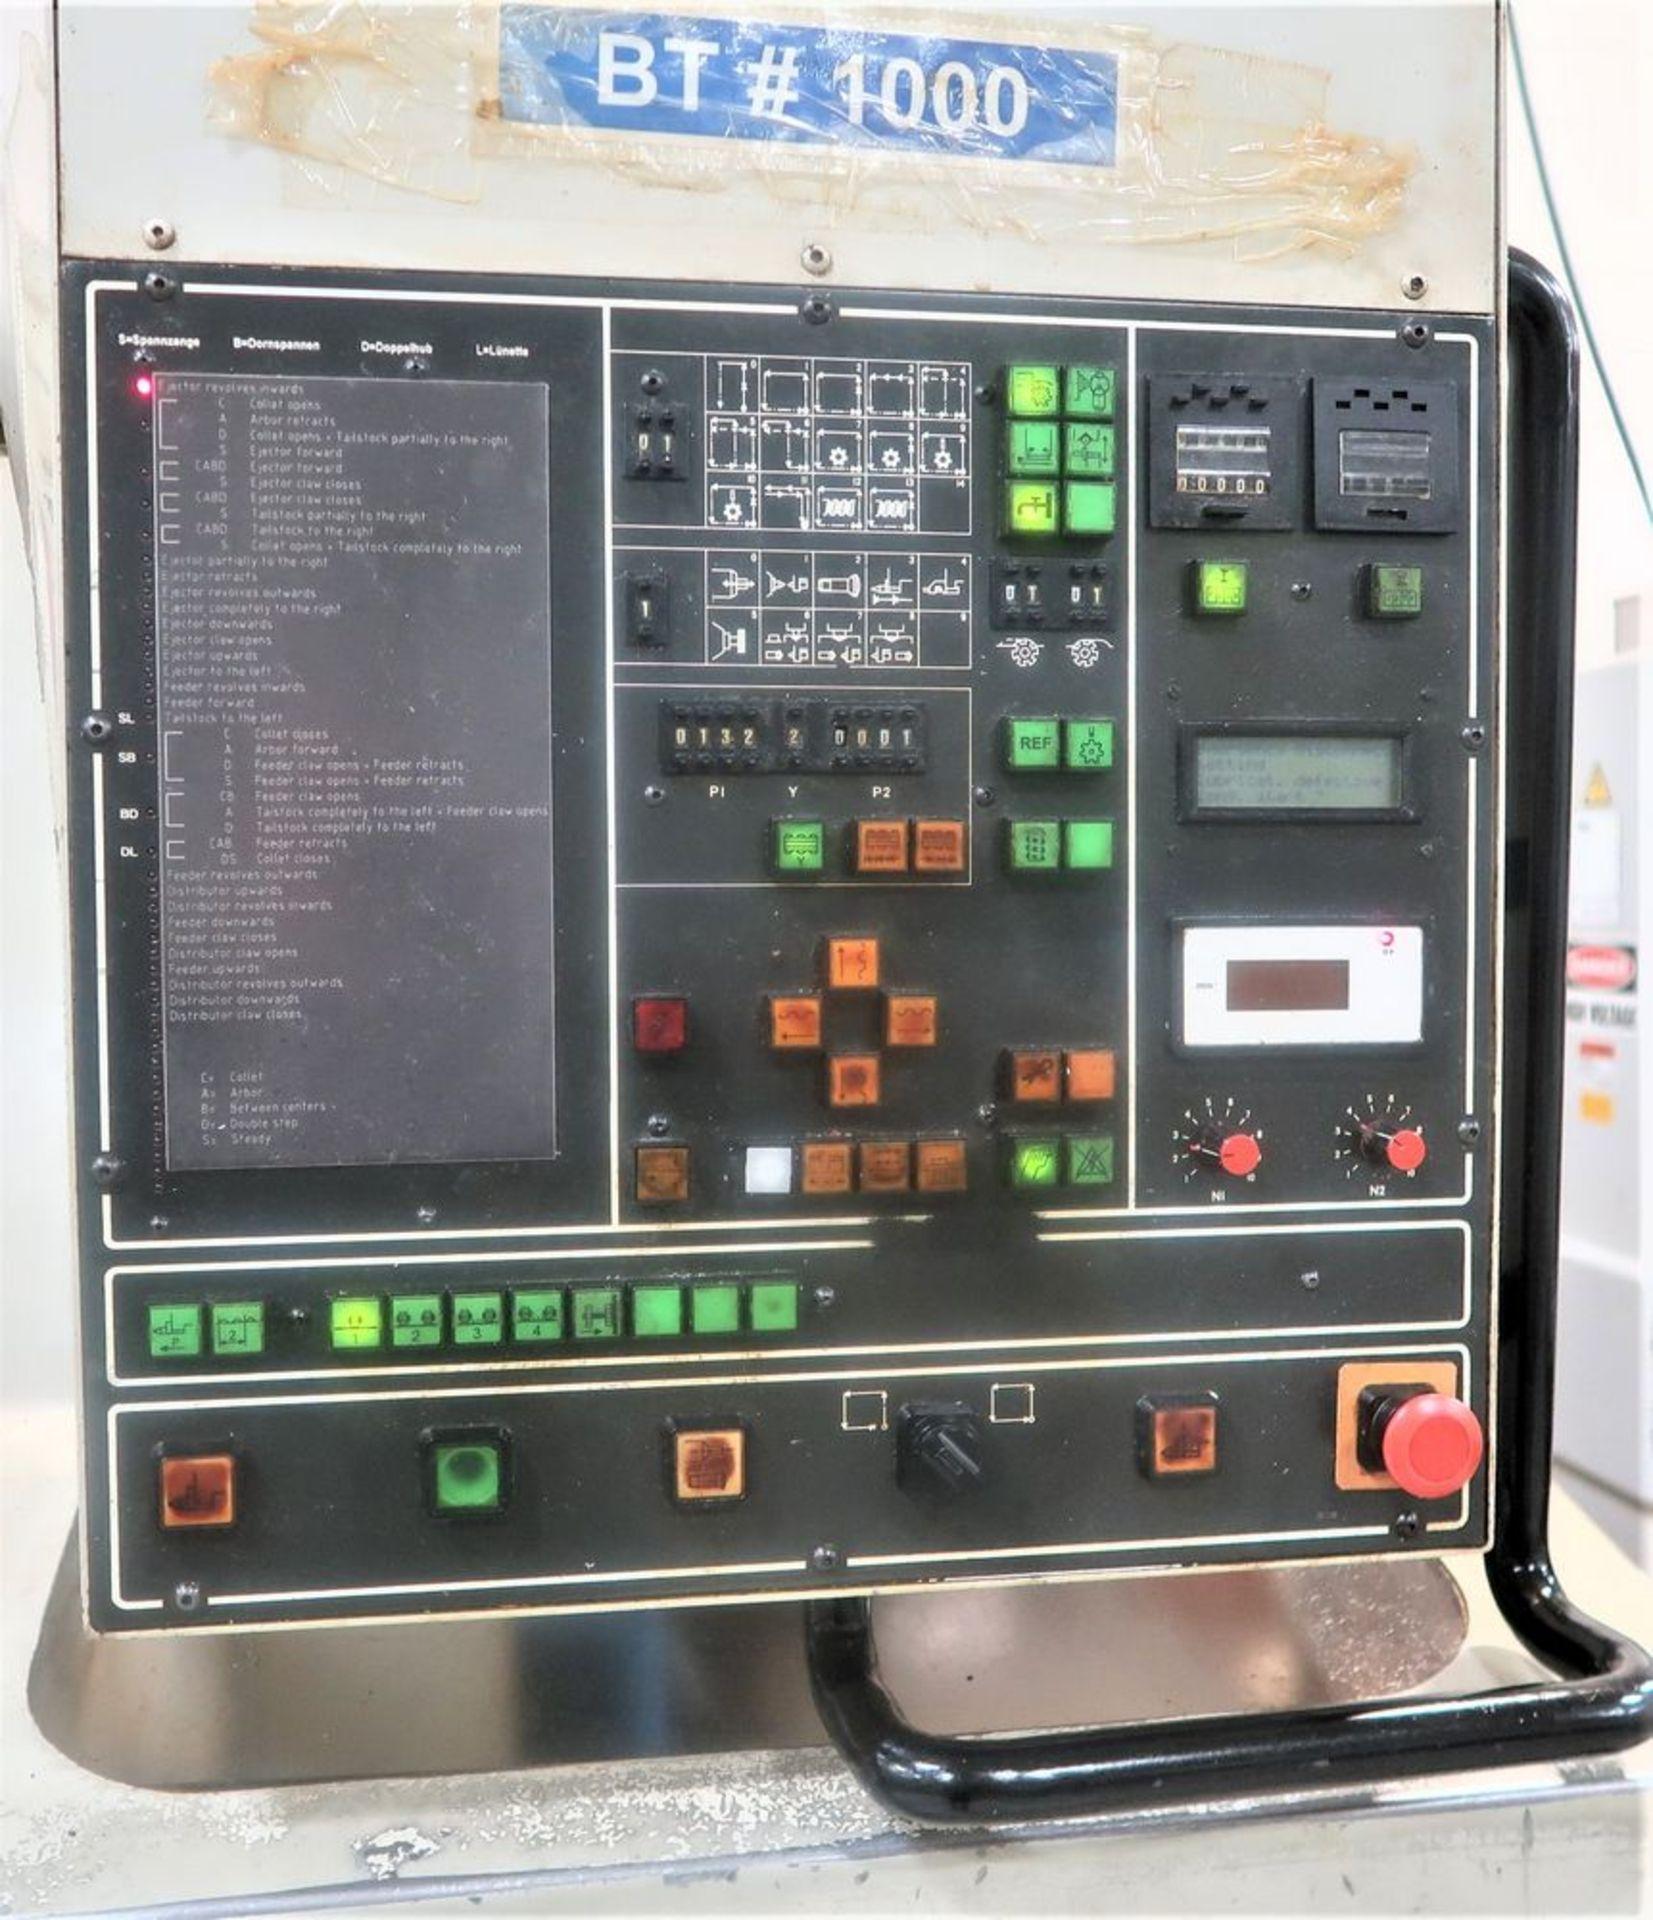 Koepfer 180 SPS/M Gear Hobber, S/N 180001 - Image 3 of 9